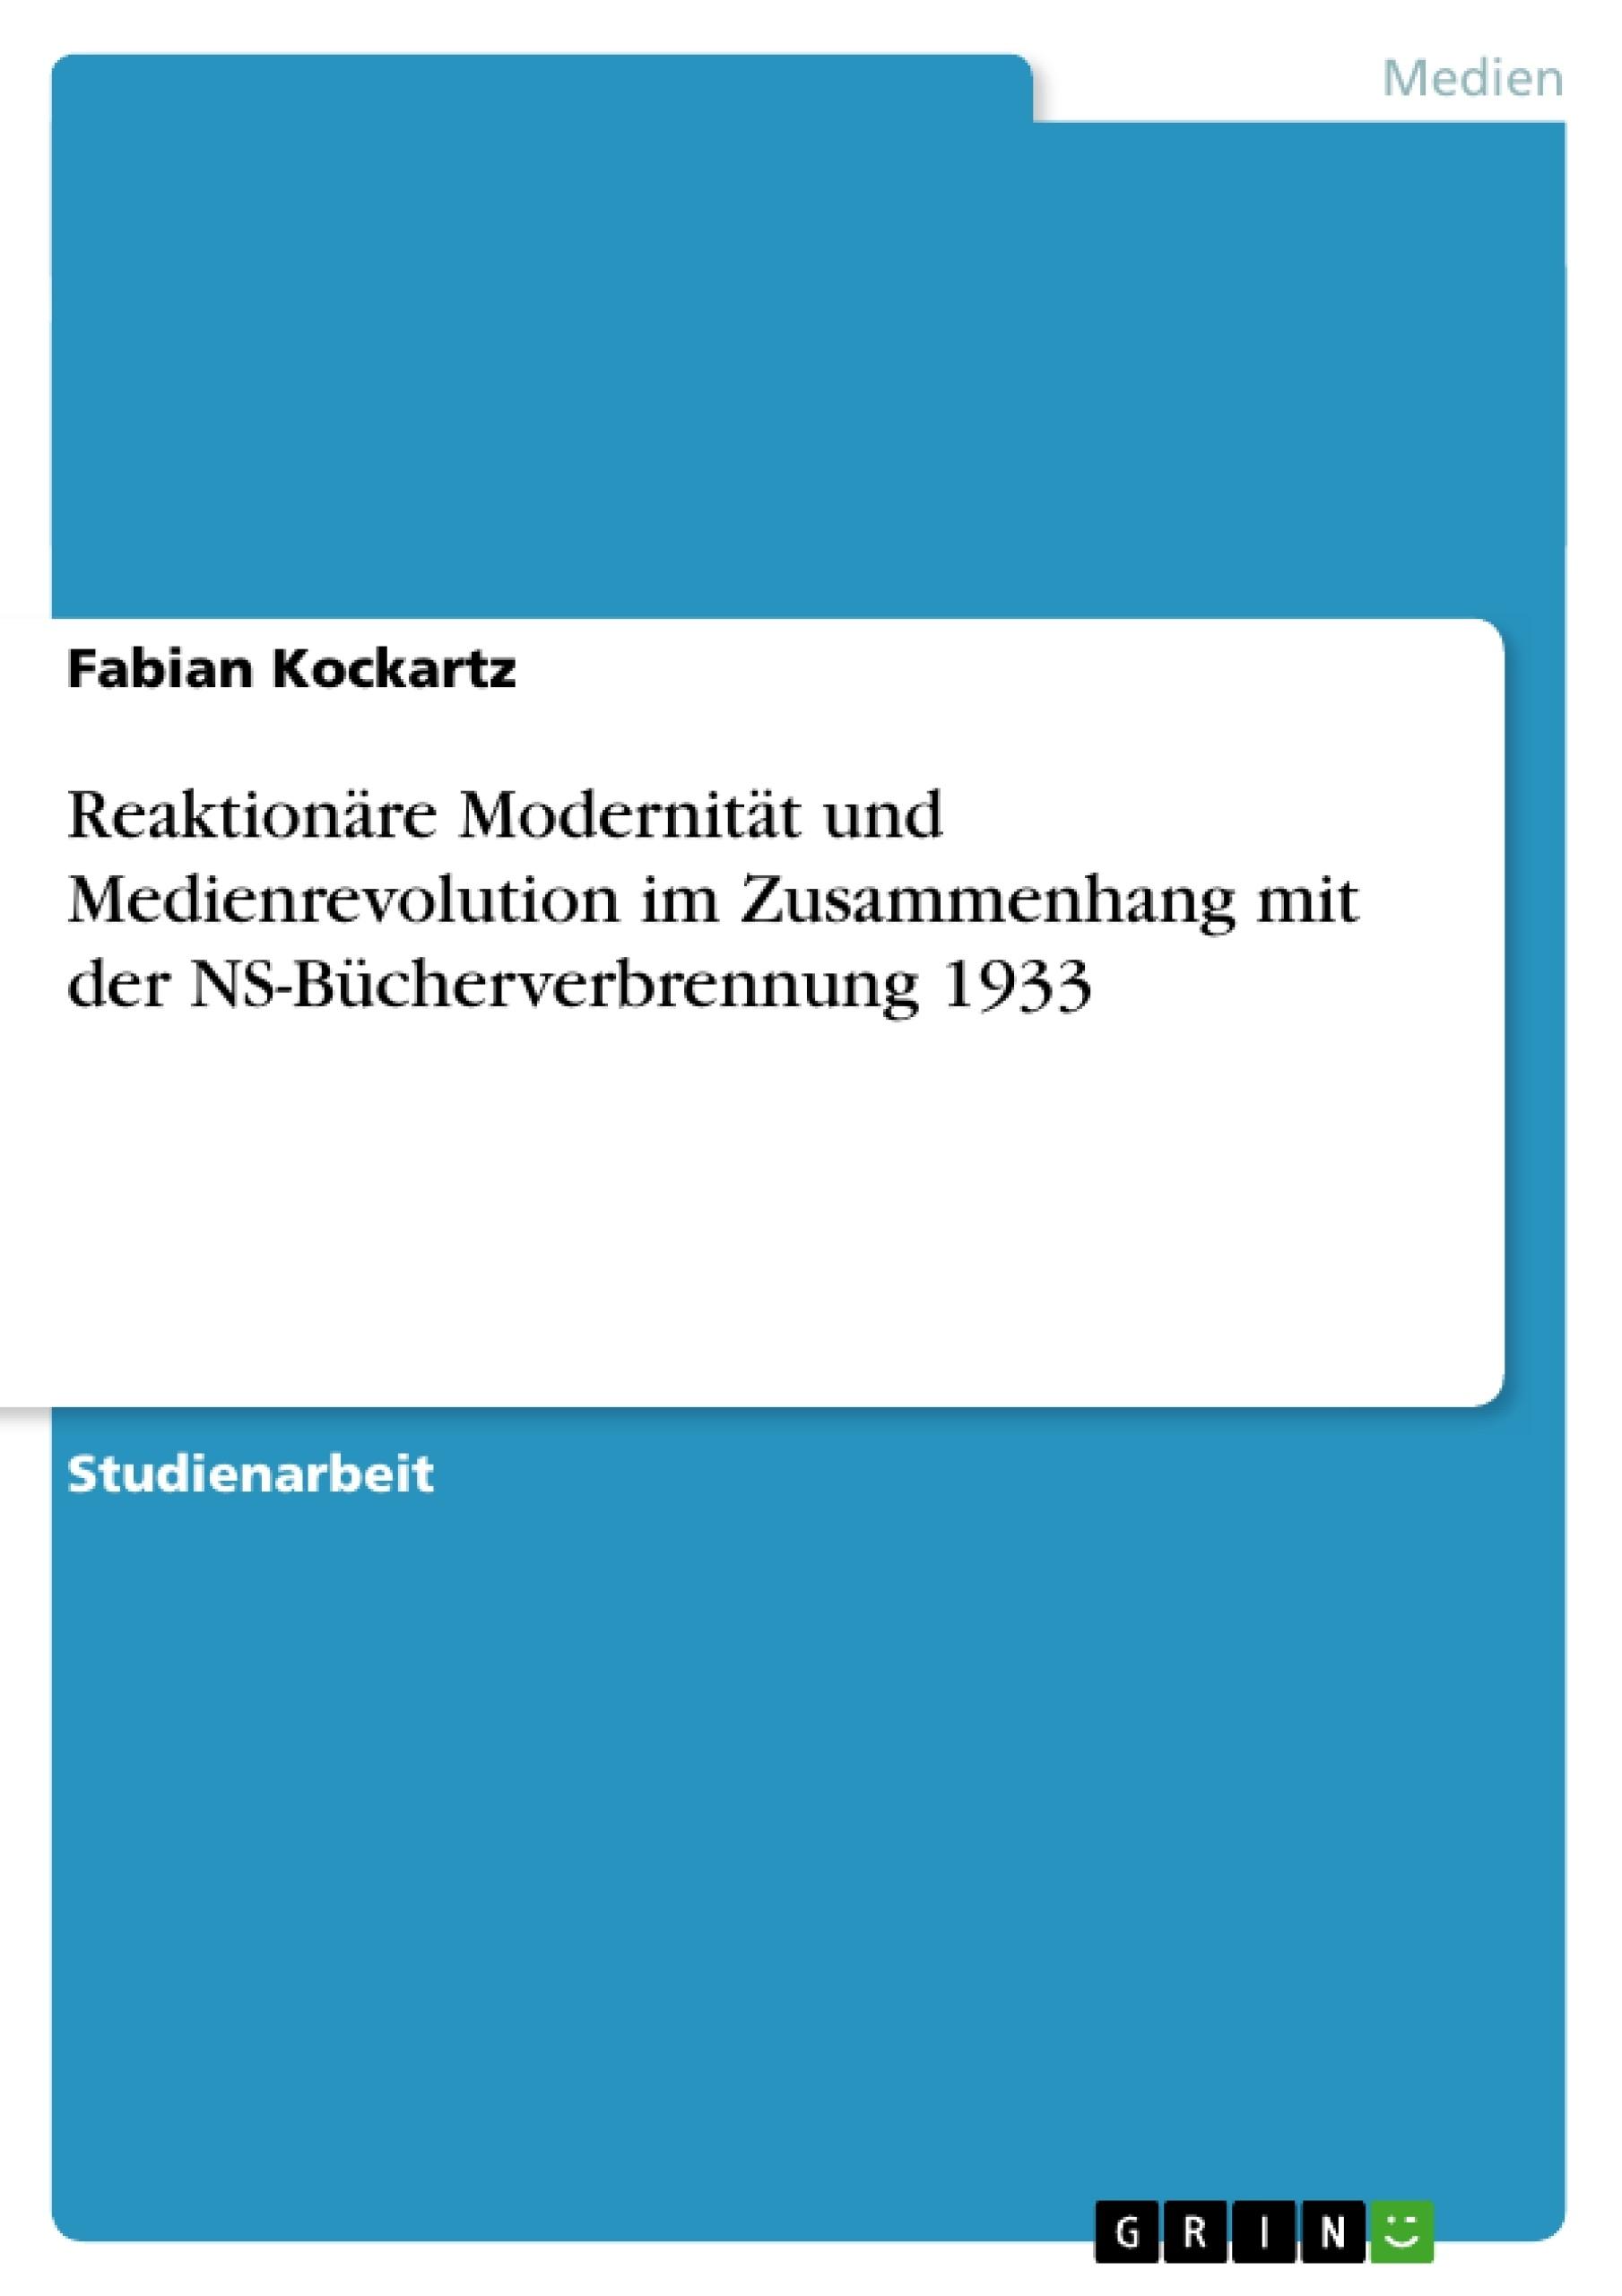 Titel: Reaktionäre Modernität und Medienrevolution im Zusammenhang mit der NS-Bücherverbrennung 1933